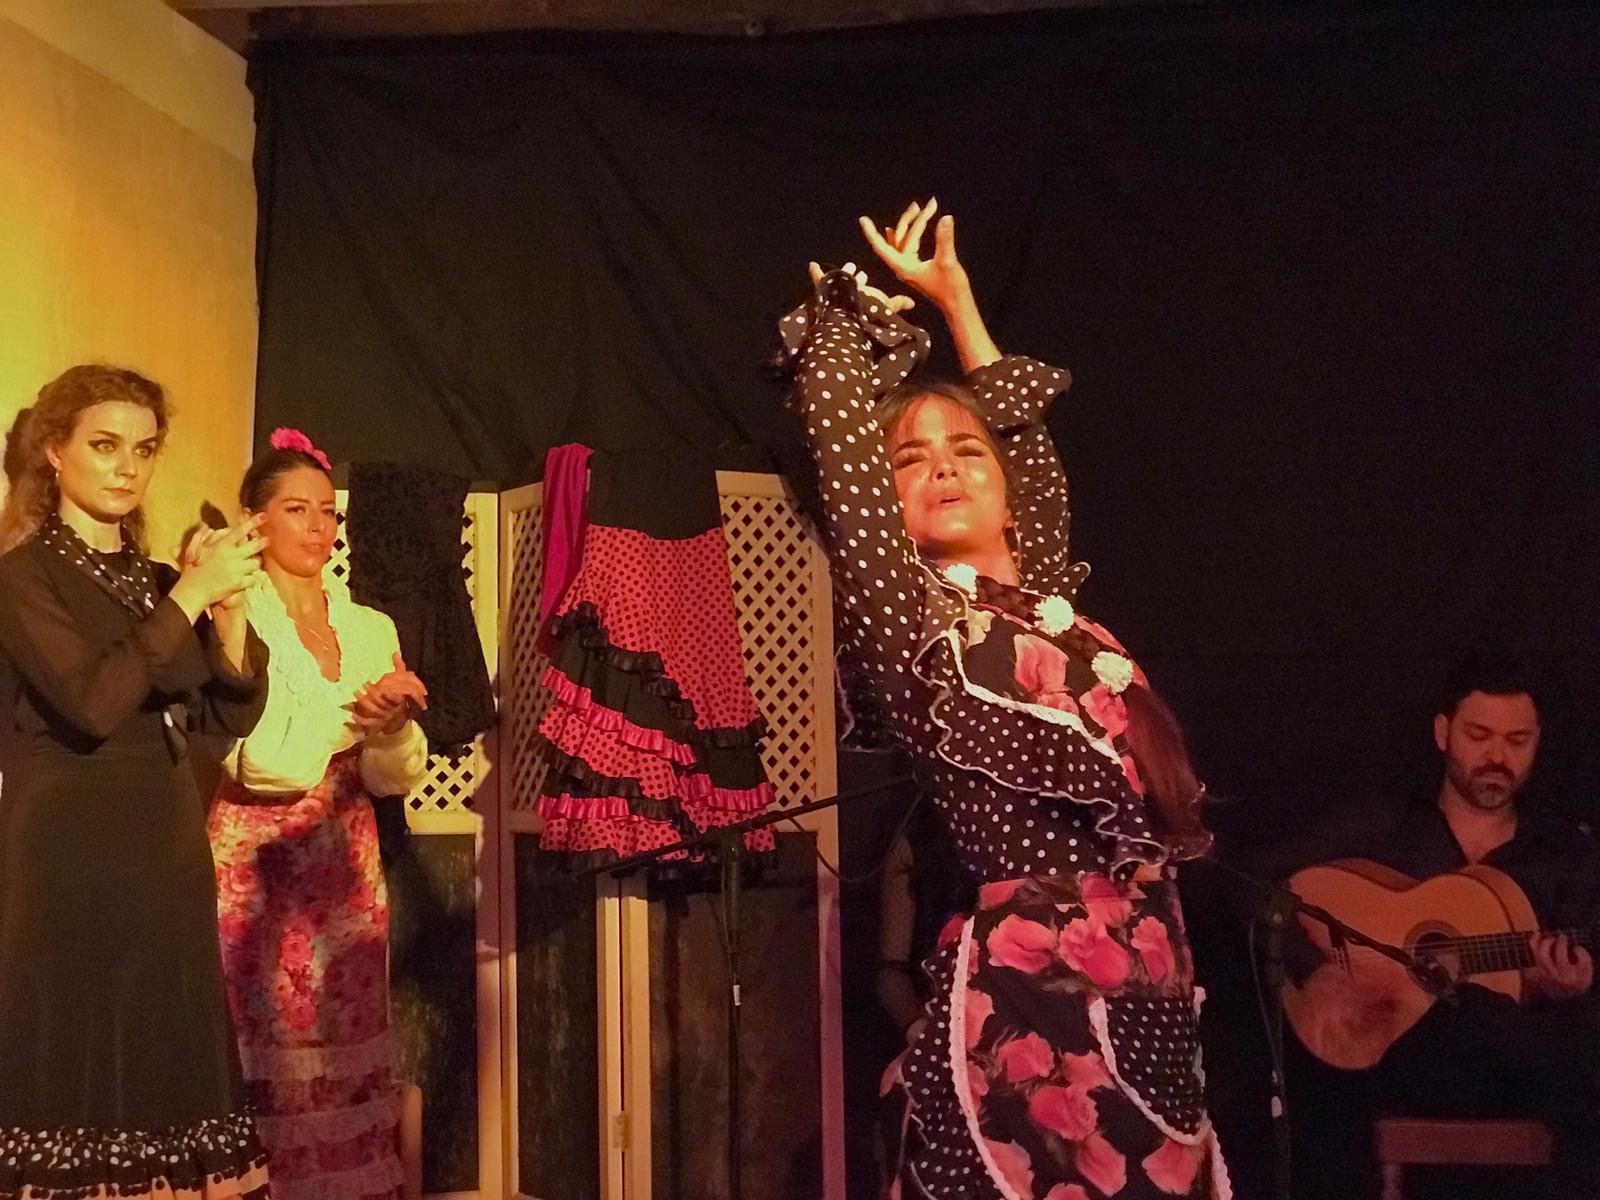 Tablao le 3 03/08/2019 à El Camerino Sevilla